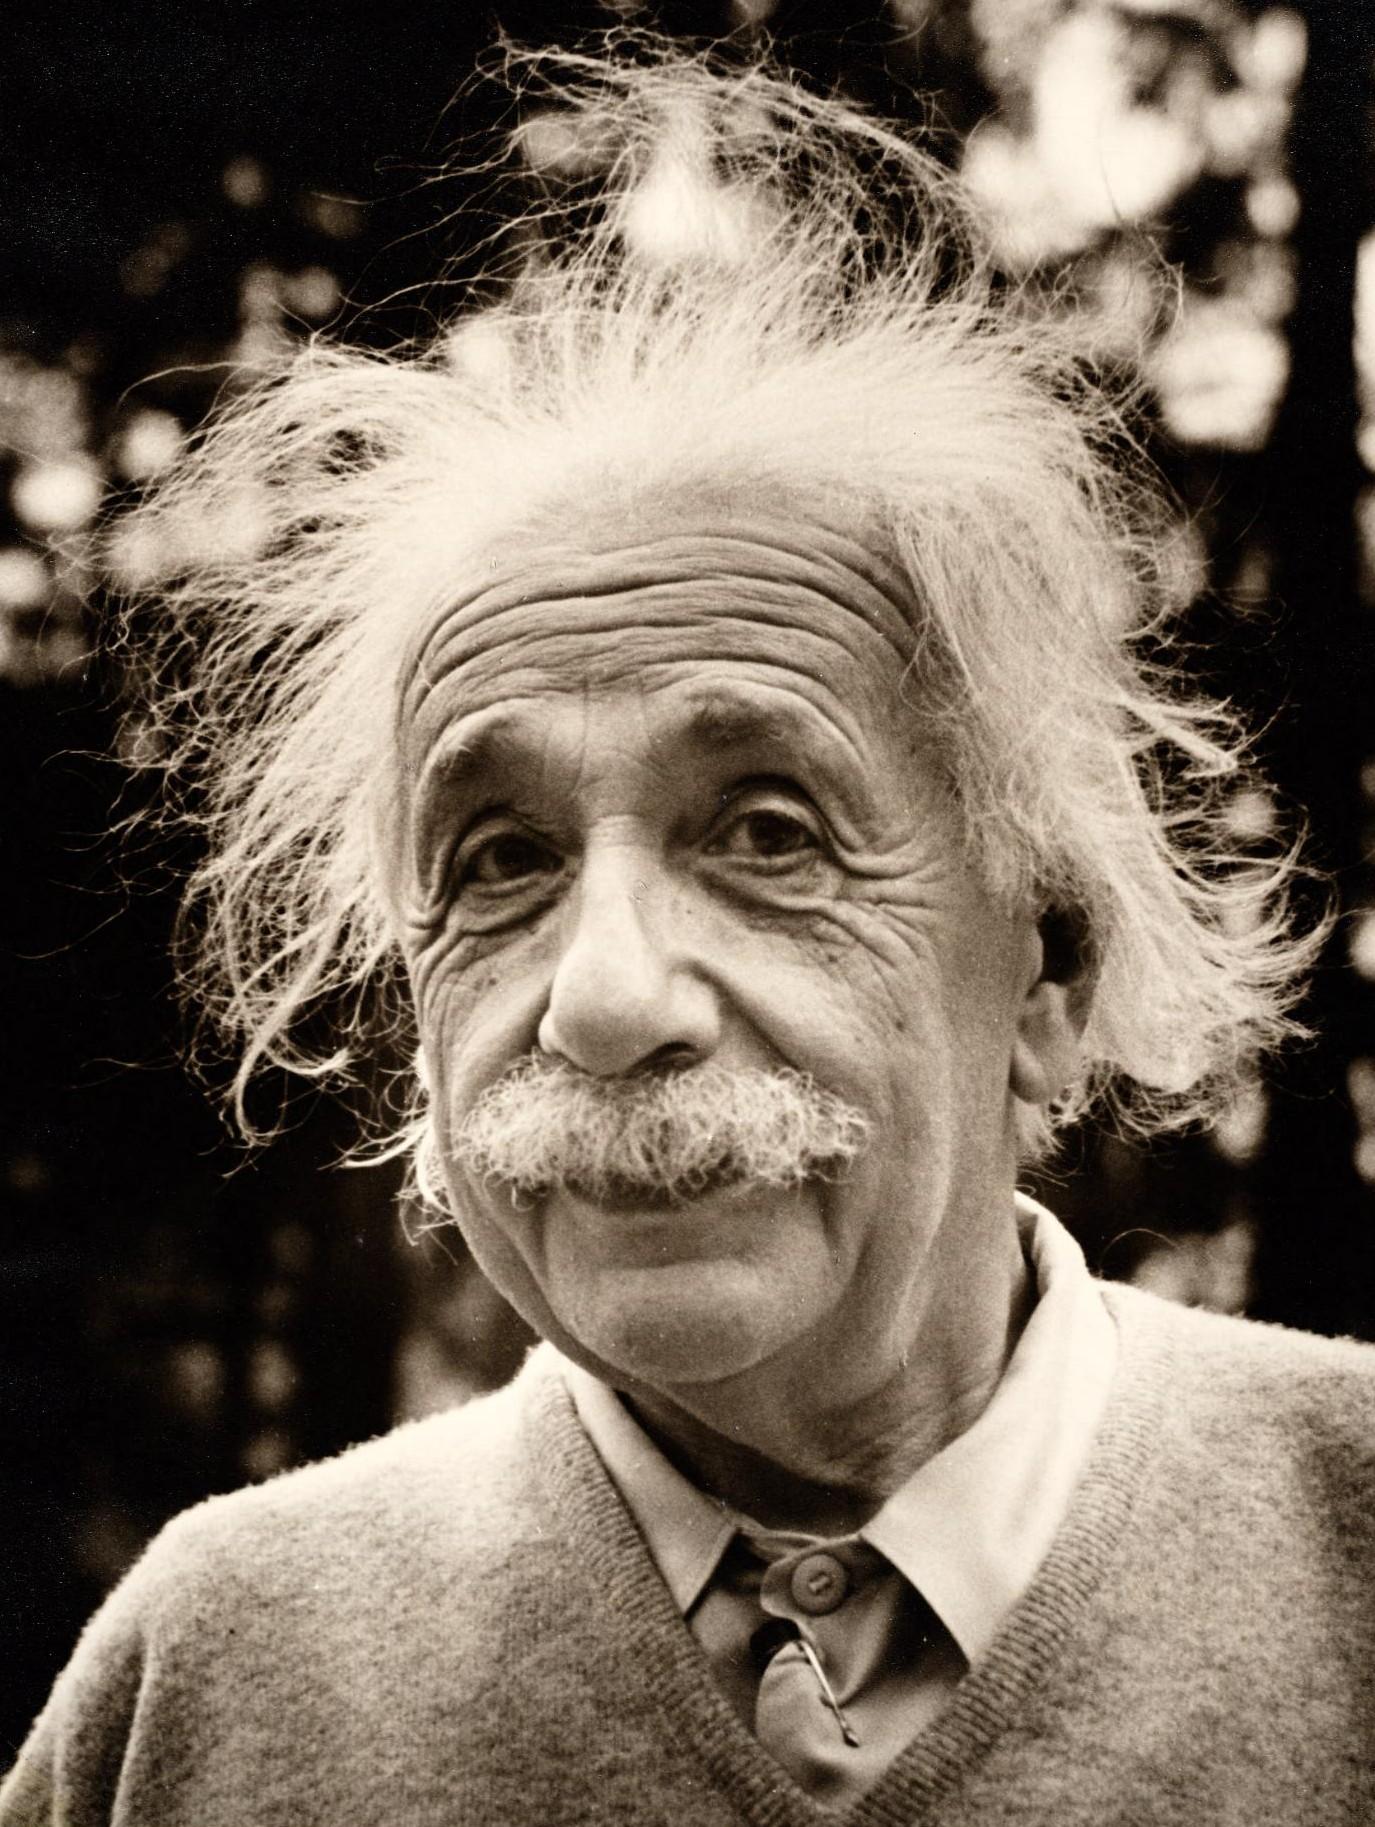 Einstein_portrait-e1346962517640.jpg